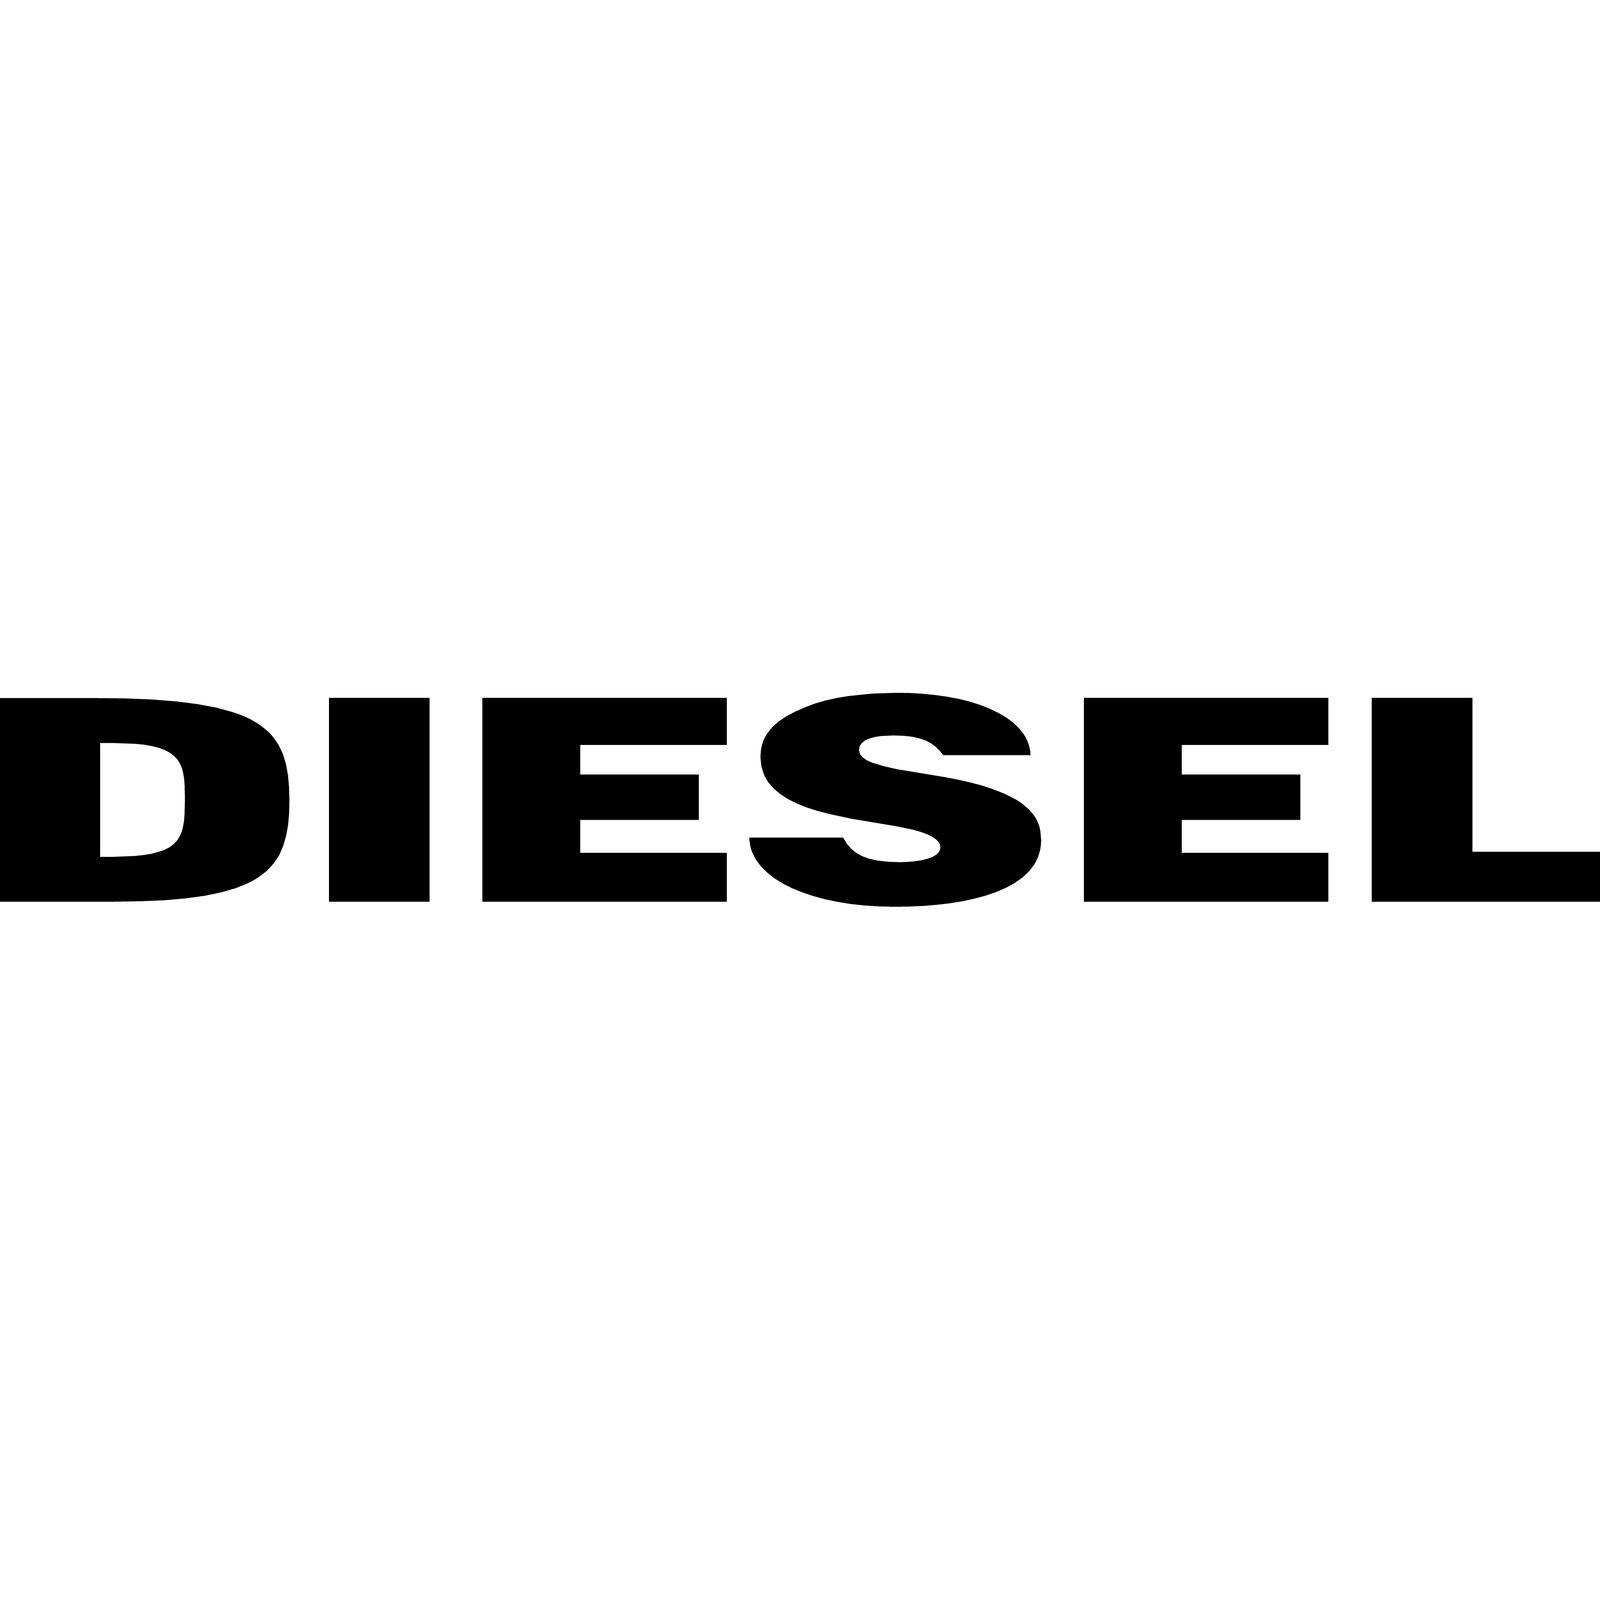 DIESEL (Image 1)